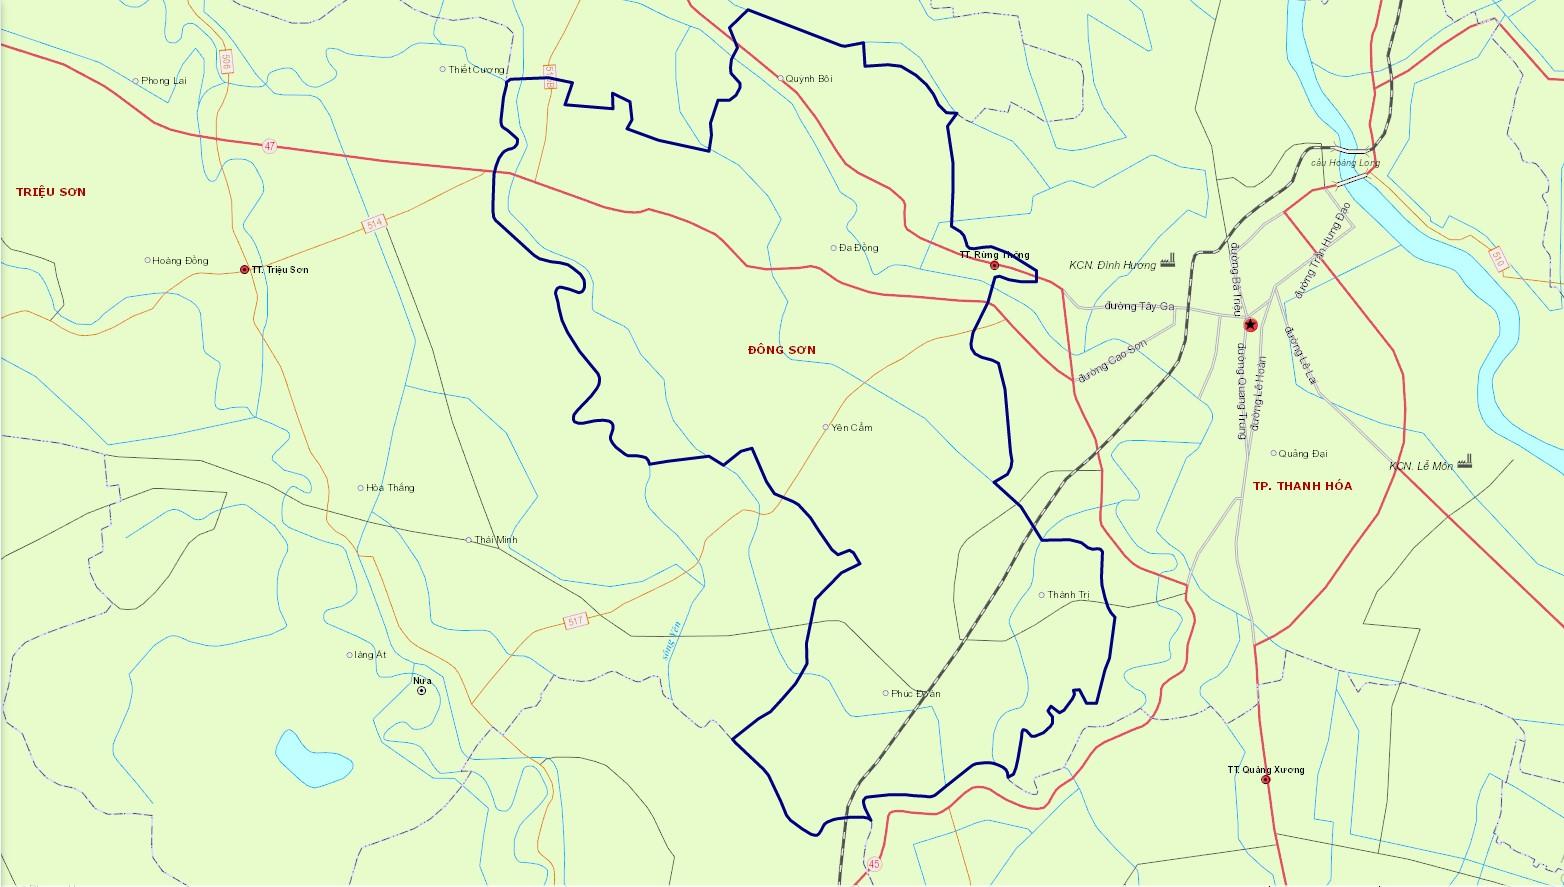 Bản đồ hành chính huyện Đông Sơn